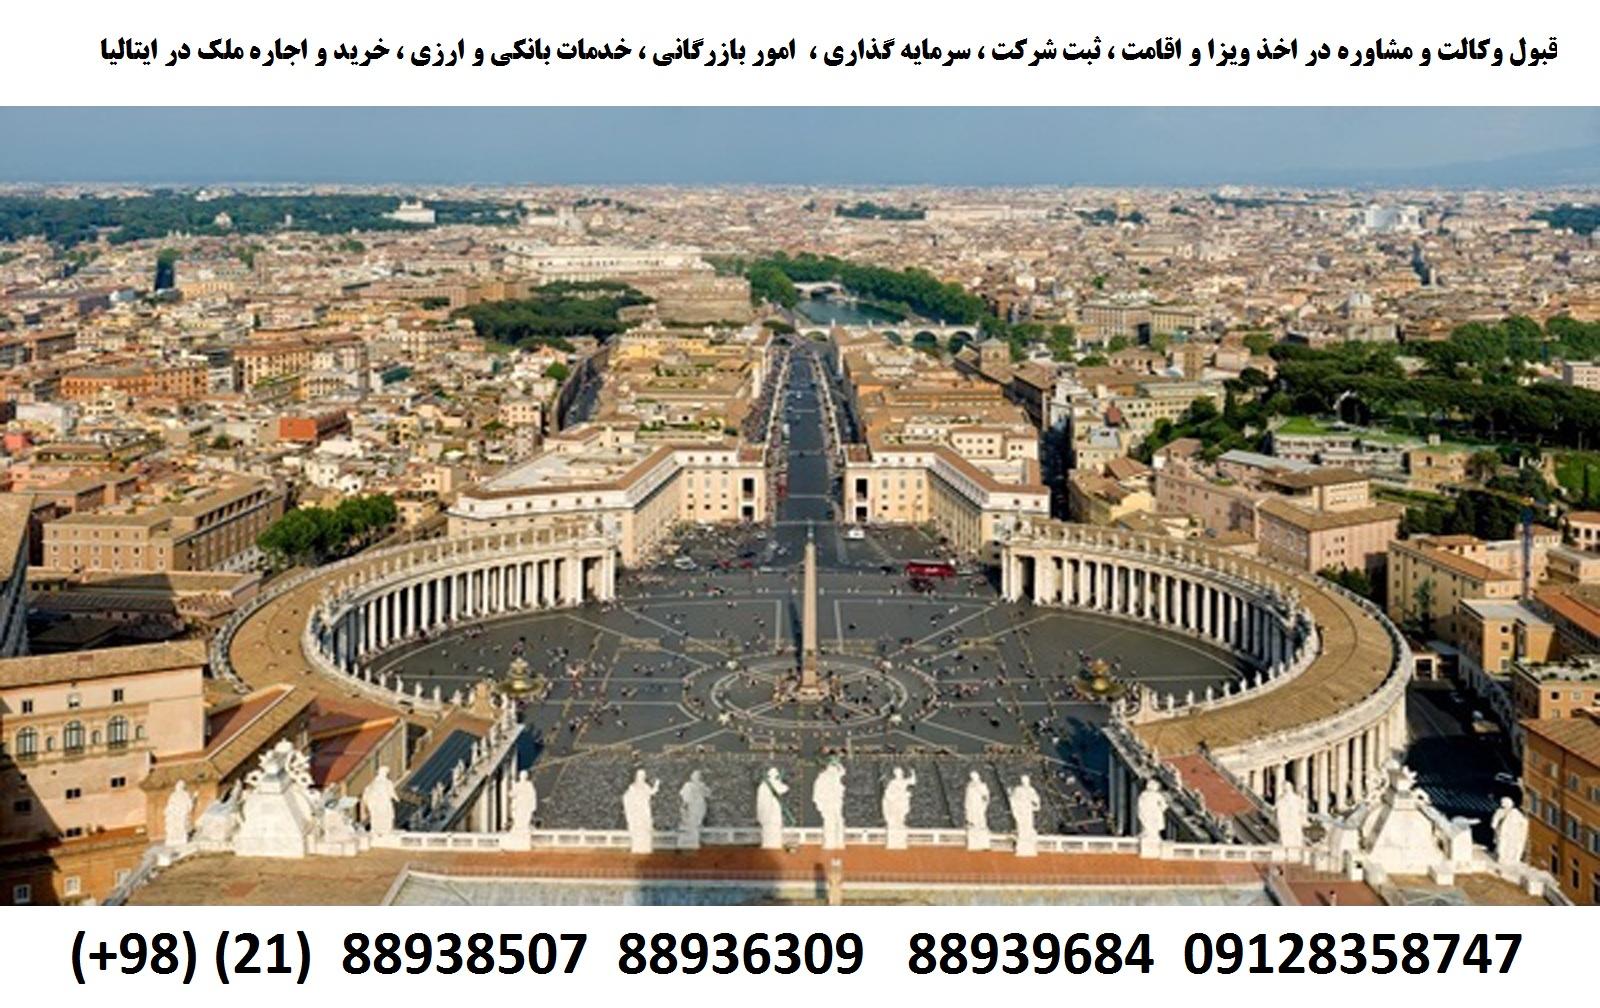 اقامت ، ویزا ، ثبت شرکت ، سرمایه گذاری در ایتالیا (6)